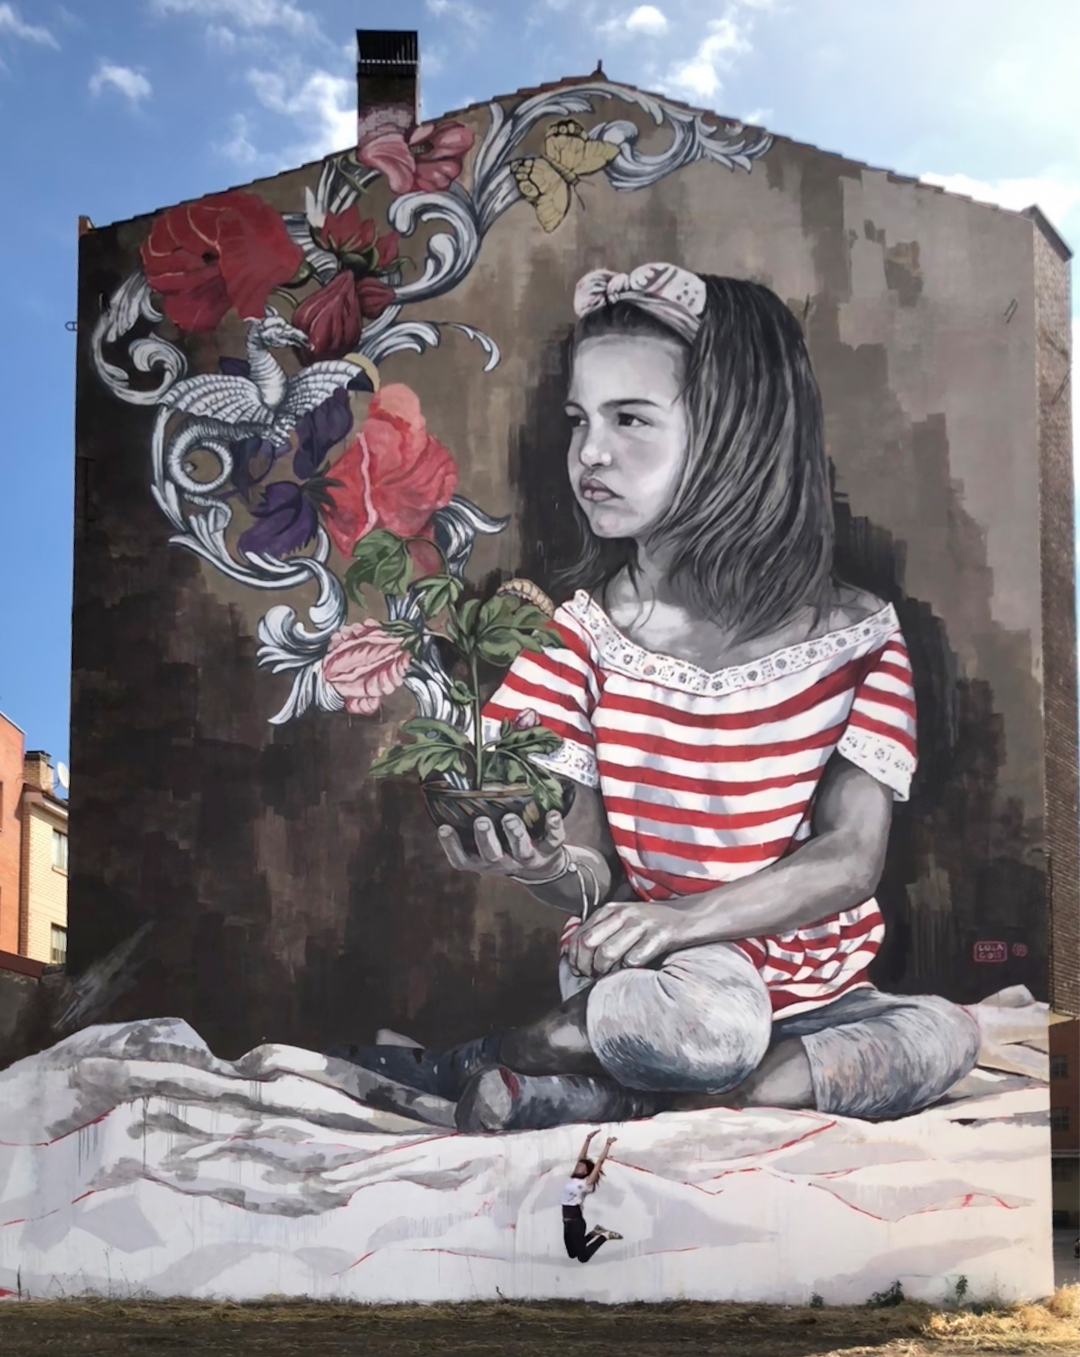 Lula Goce - El arte que florece en las fachadas